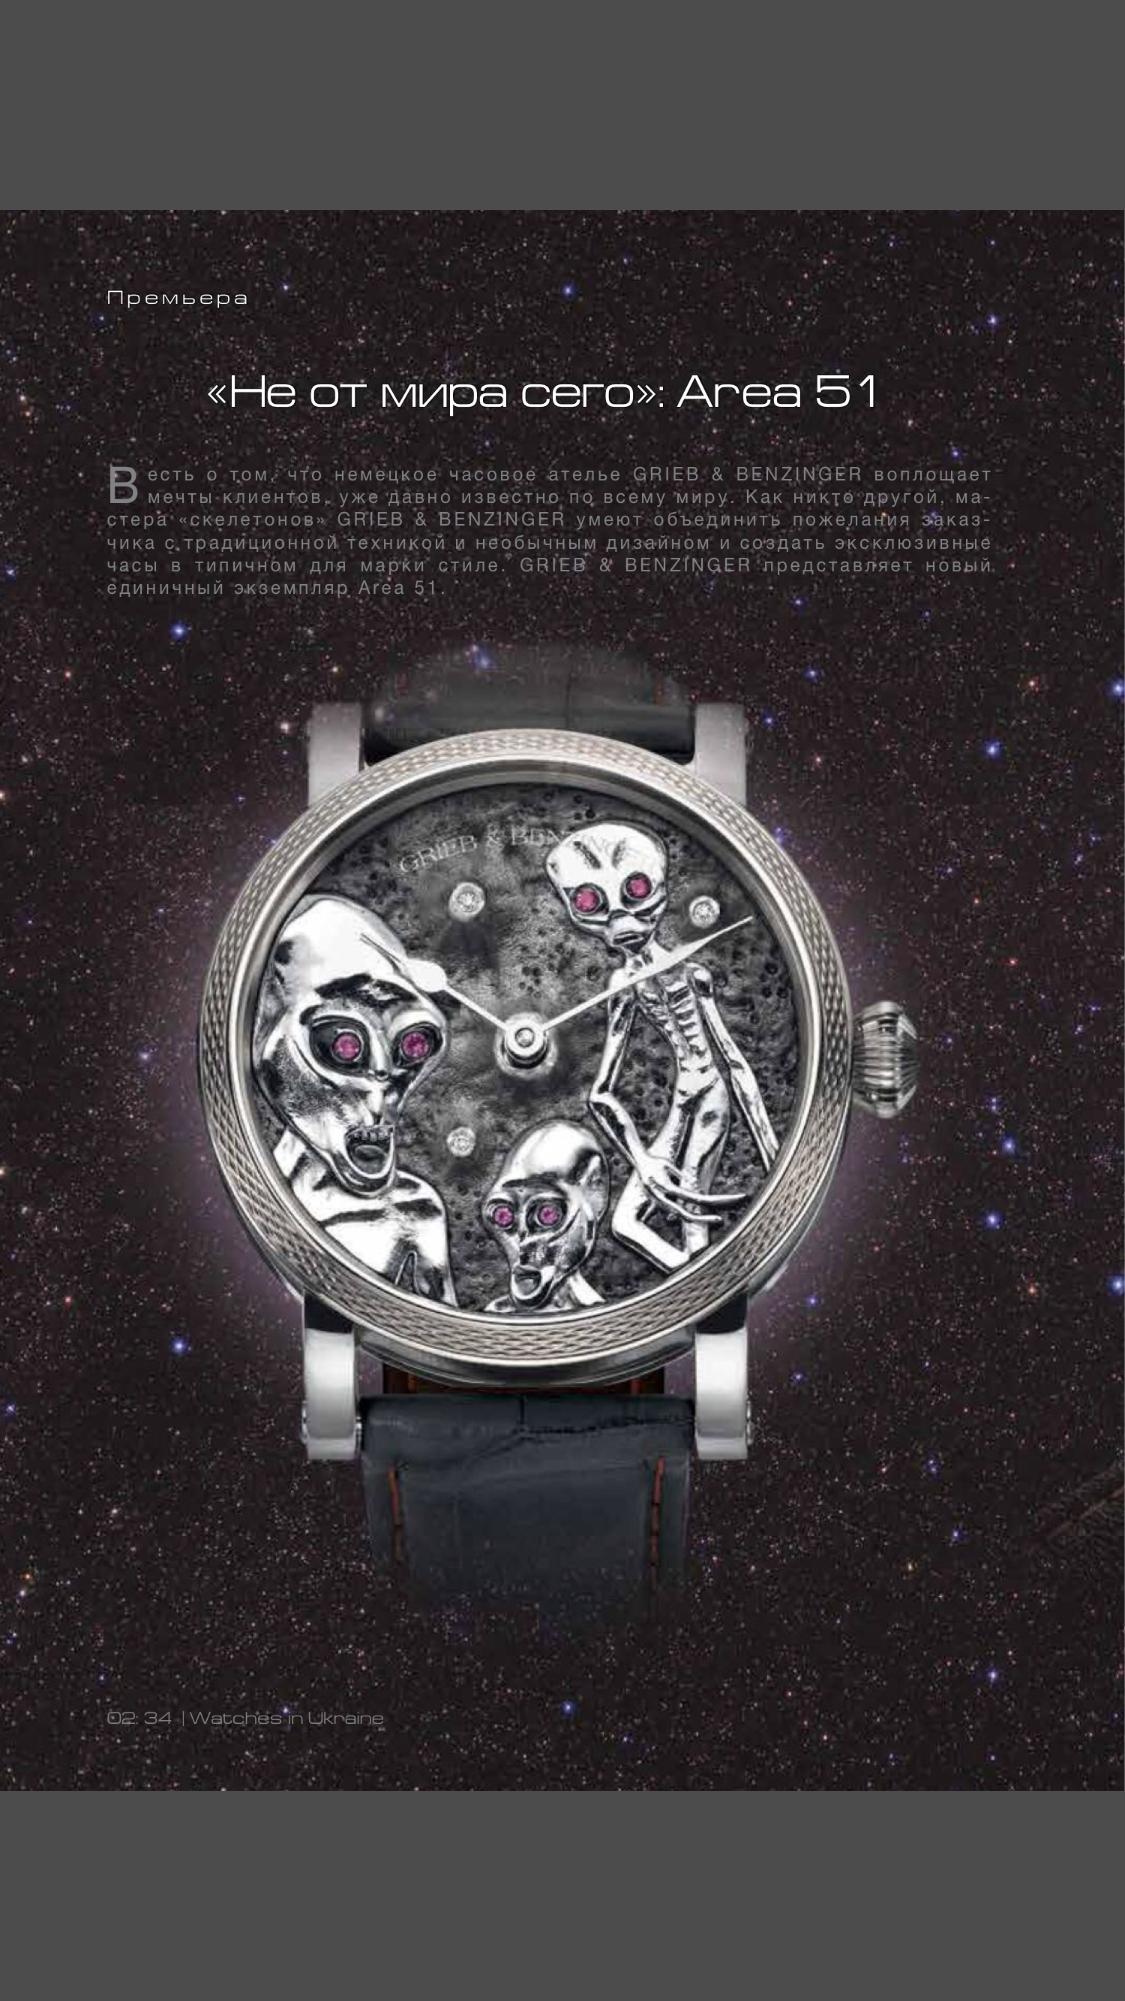 Pin de Sergio Ramos en Hermosos Relojes  272e556a861a